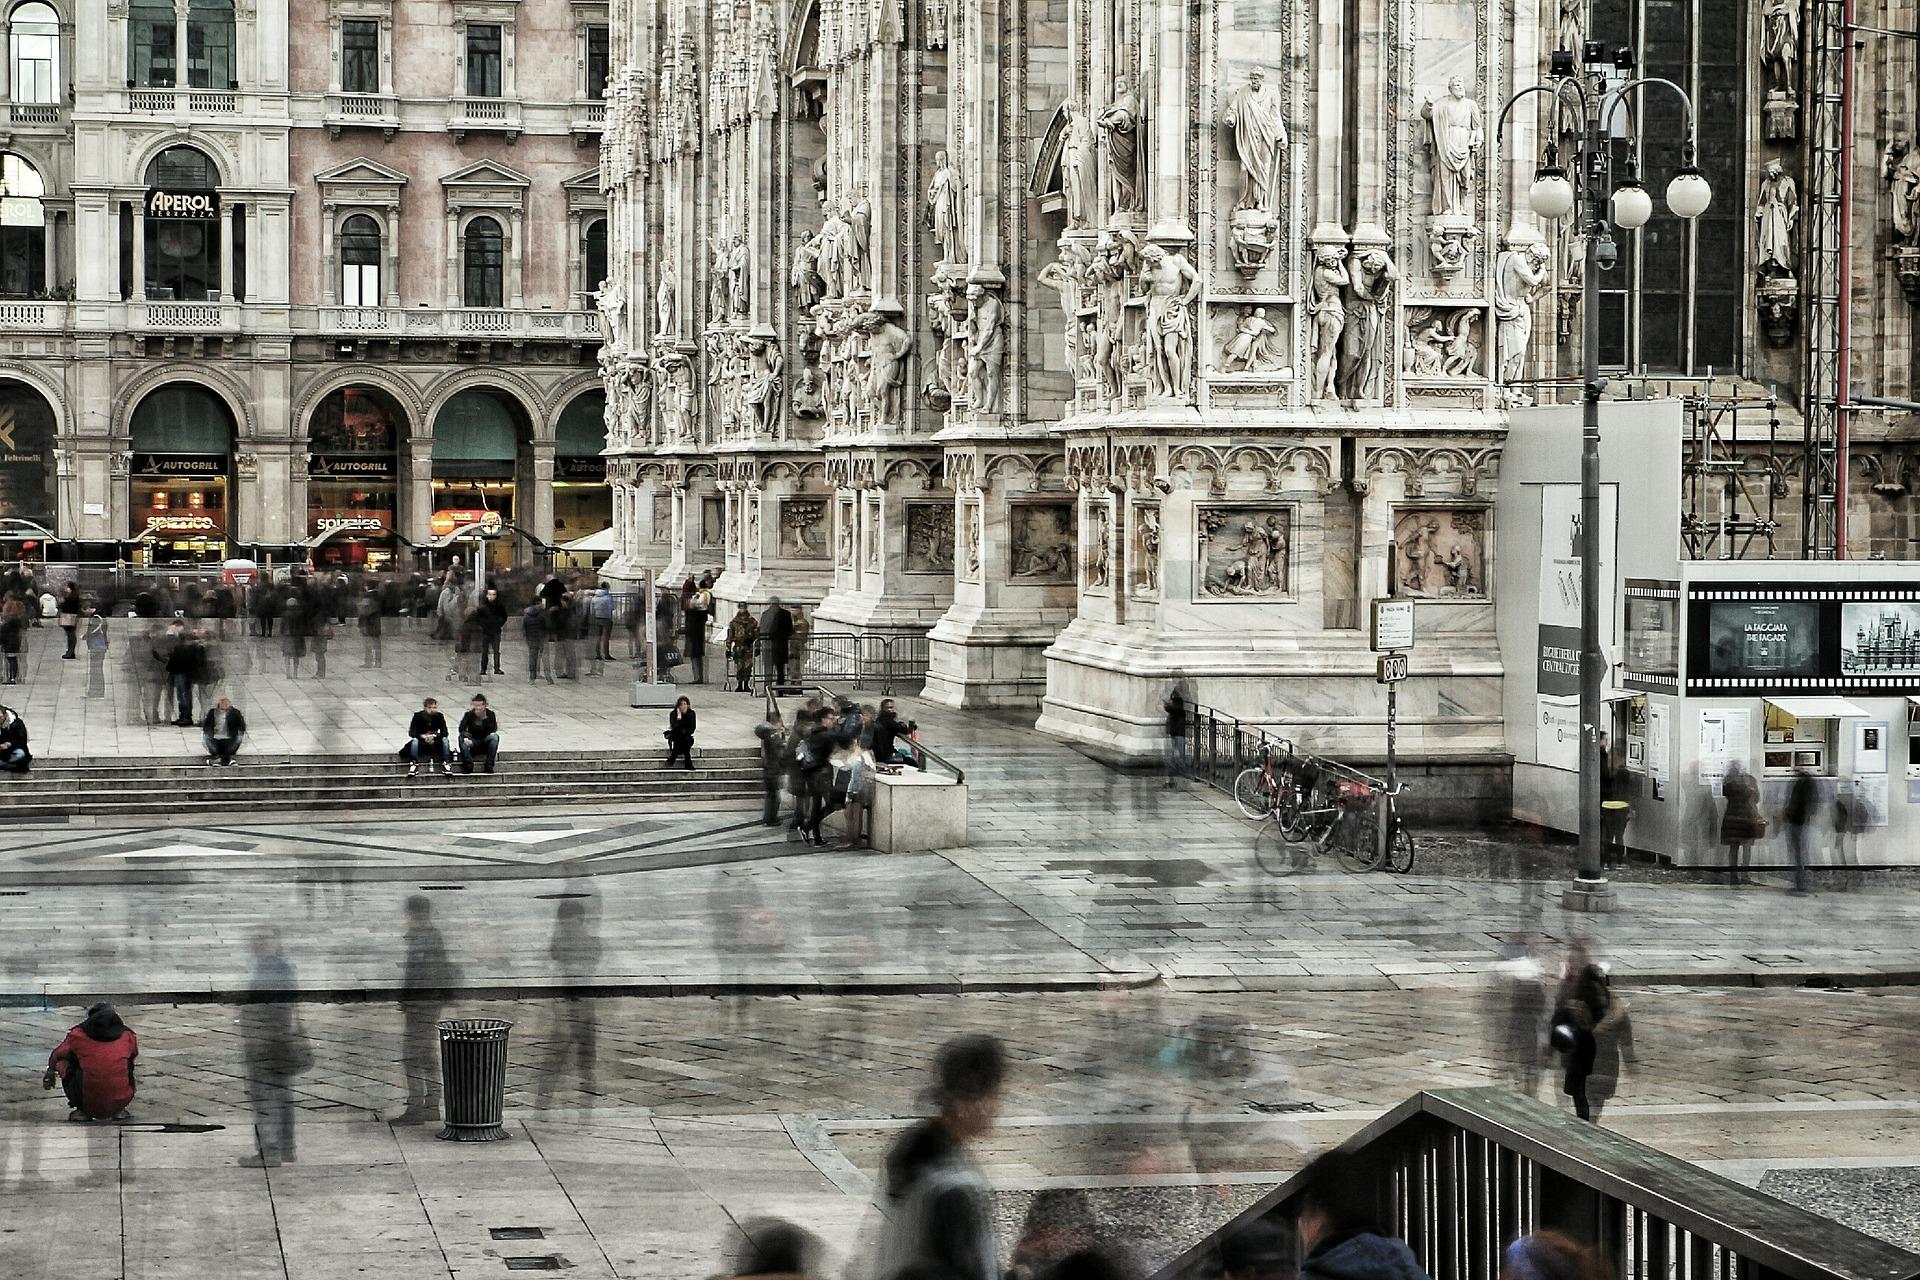 Centro de Milão, uma das principais referências da Itália para o design das cidades. Foto: Pixabay/Reprodução